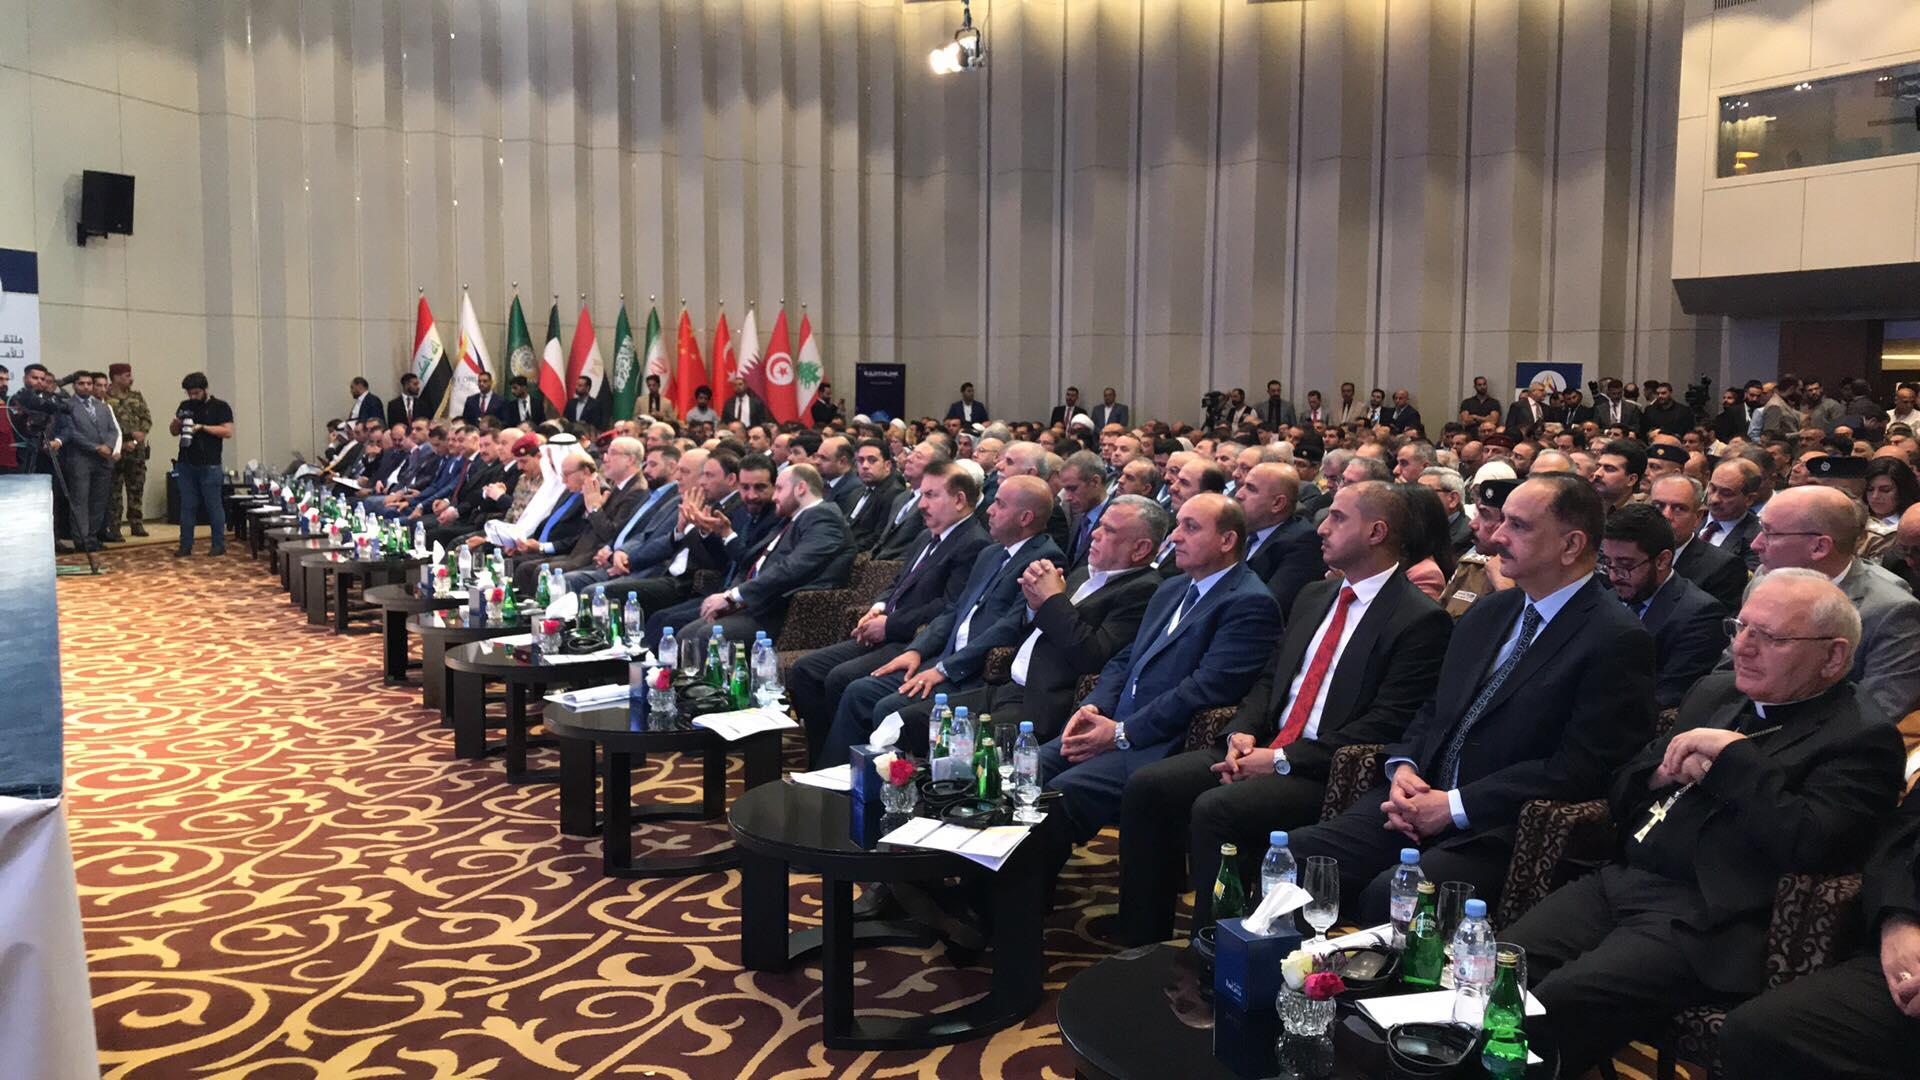 """برعاية """"ناس"""": انطلاق أعمال ملتقى الرافدين للأمن والاقتصاد في بغداد (صور)"""